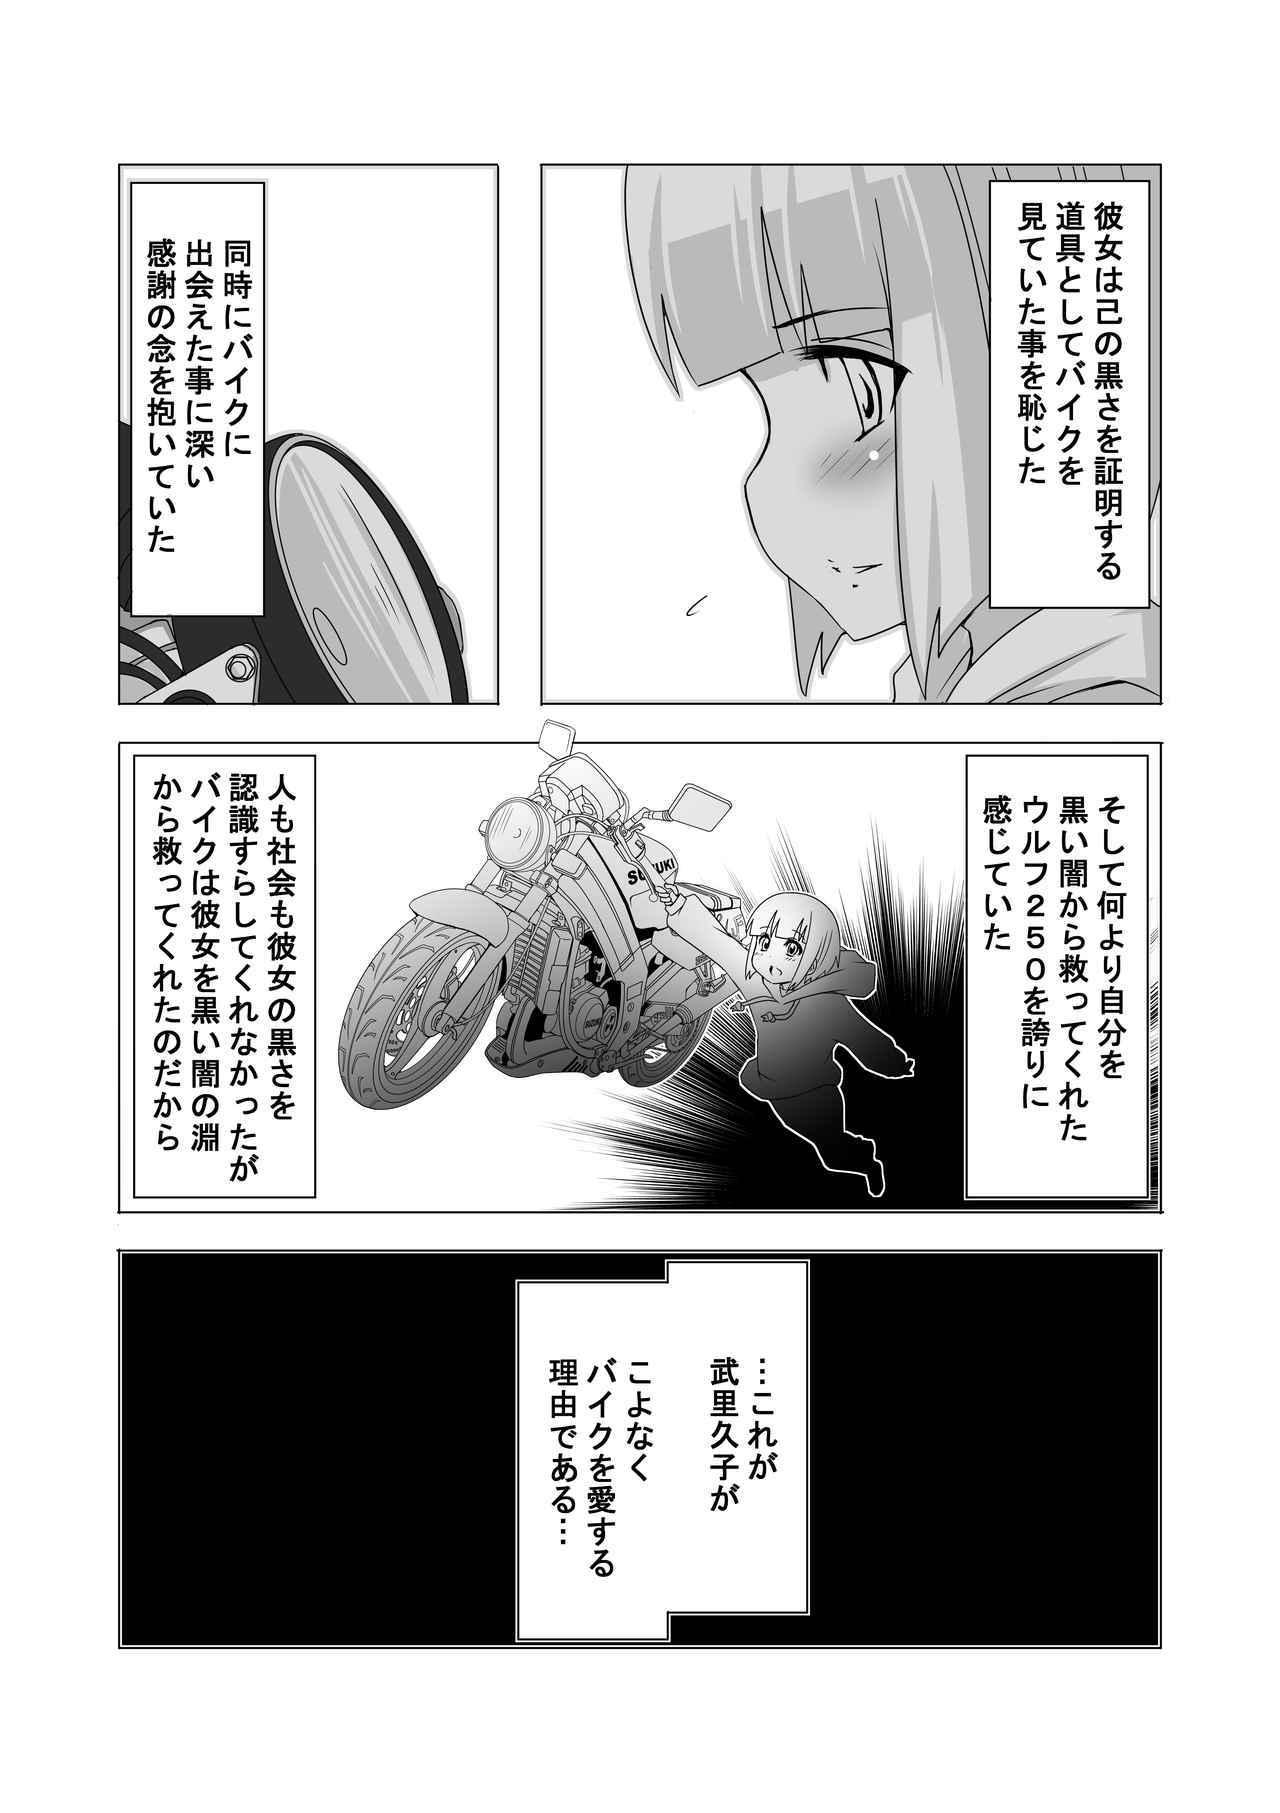 画像8: 【連載】馬場郁子がこよなくバイクを愛す理由(第六話:武里久子がこよなくバイクを愛すワケ)作:鈴木秀吉